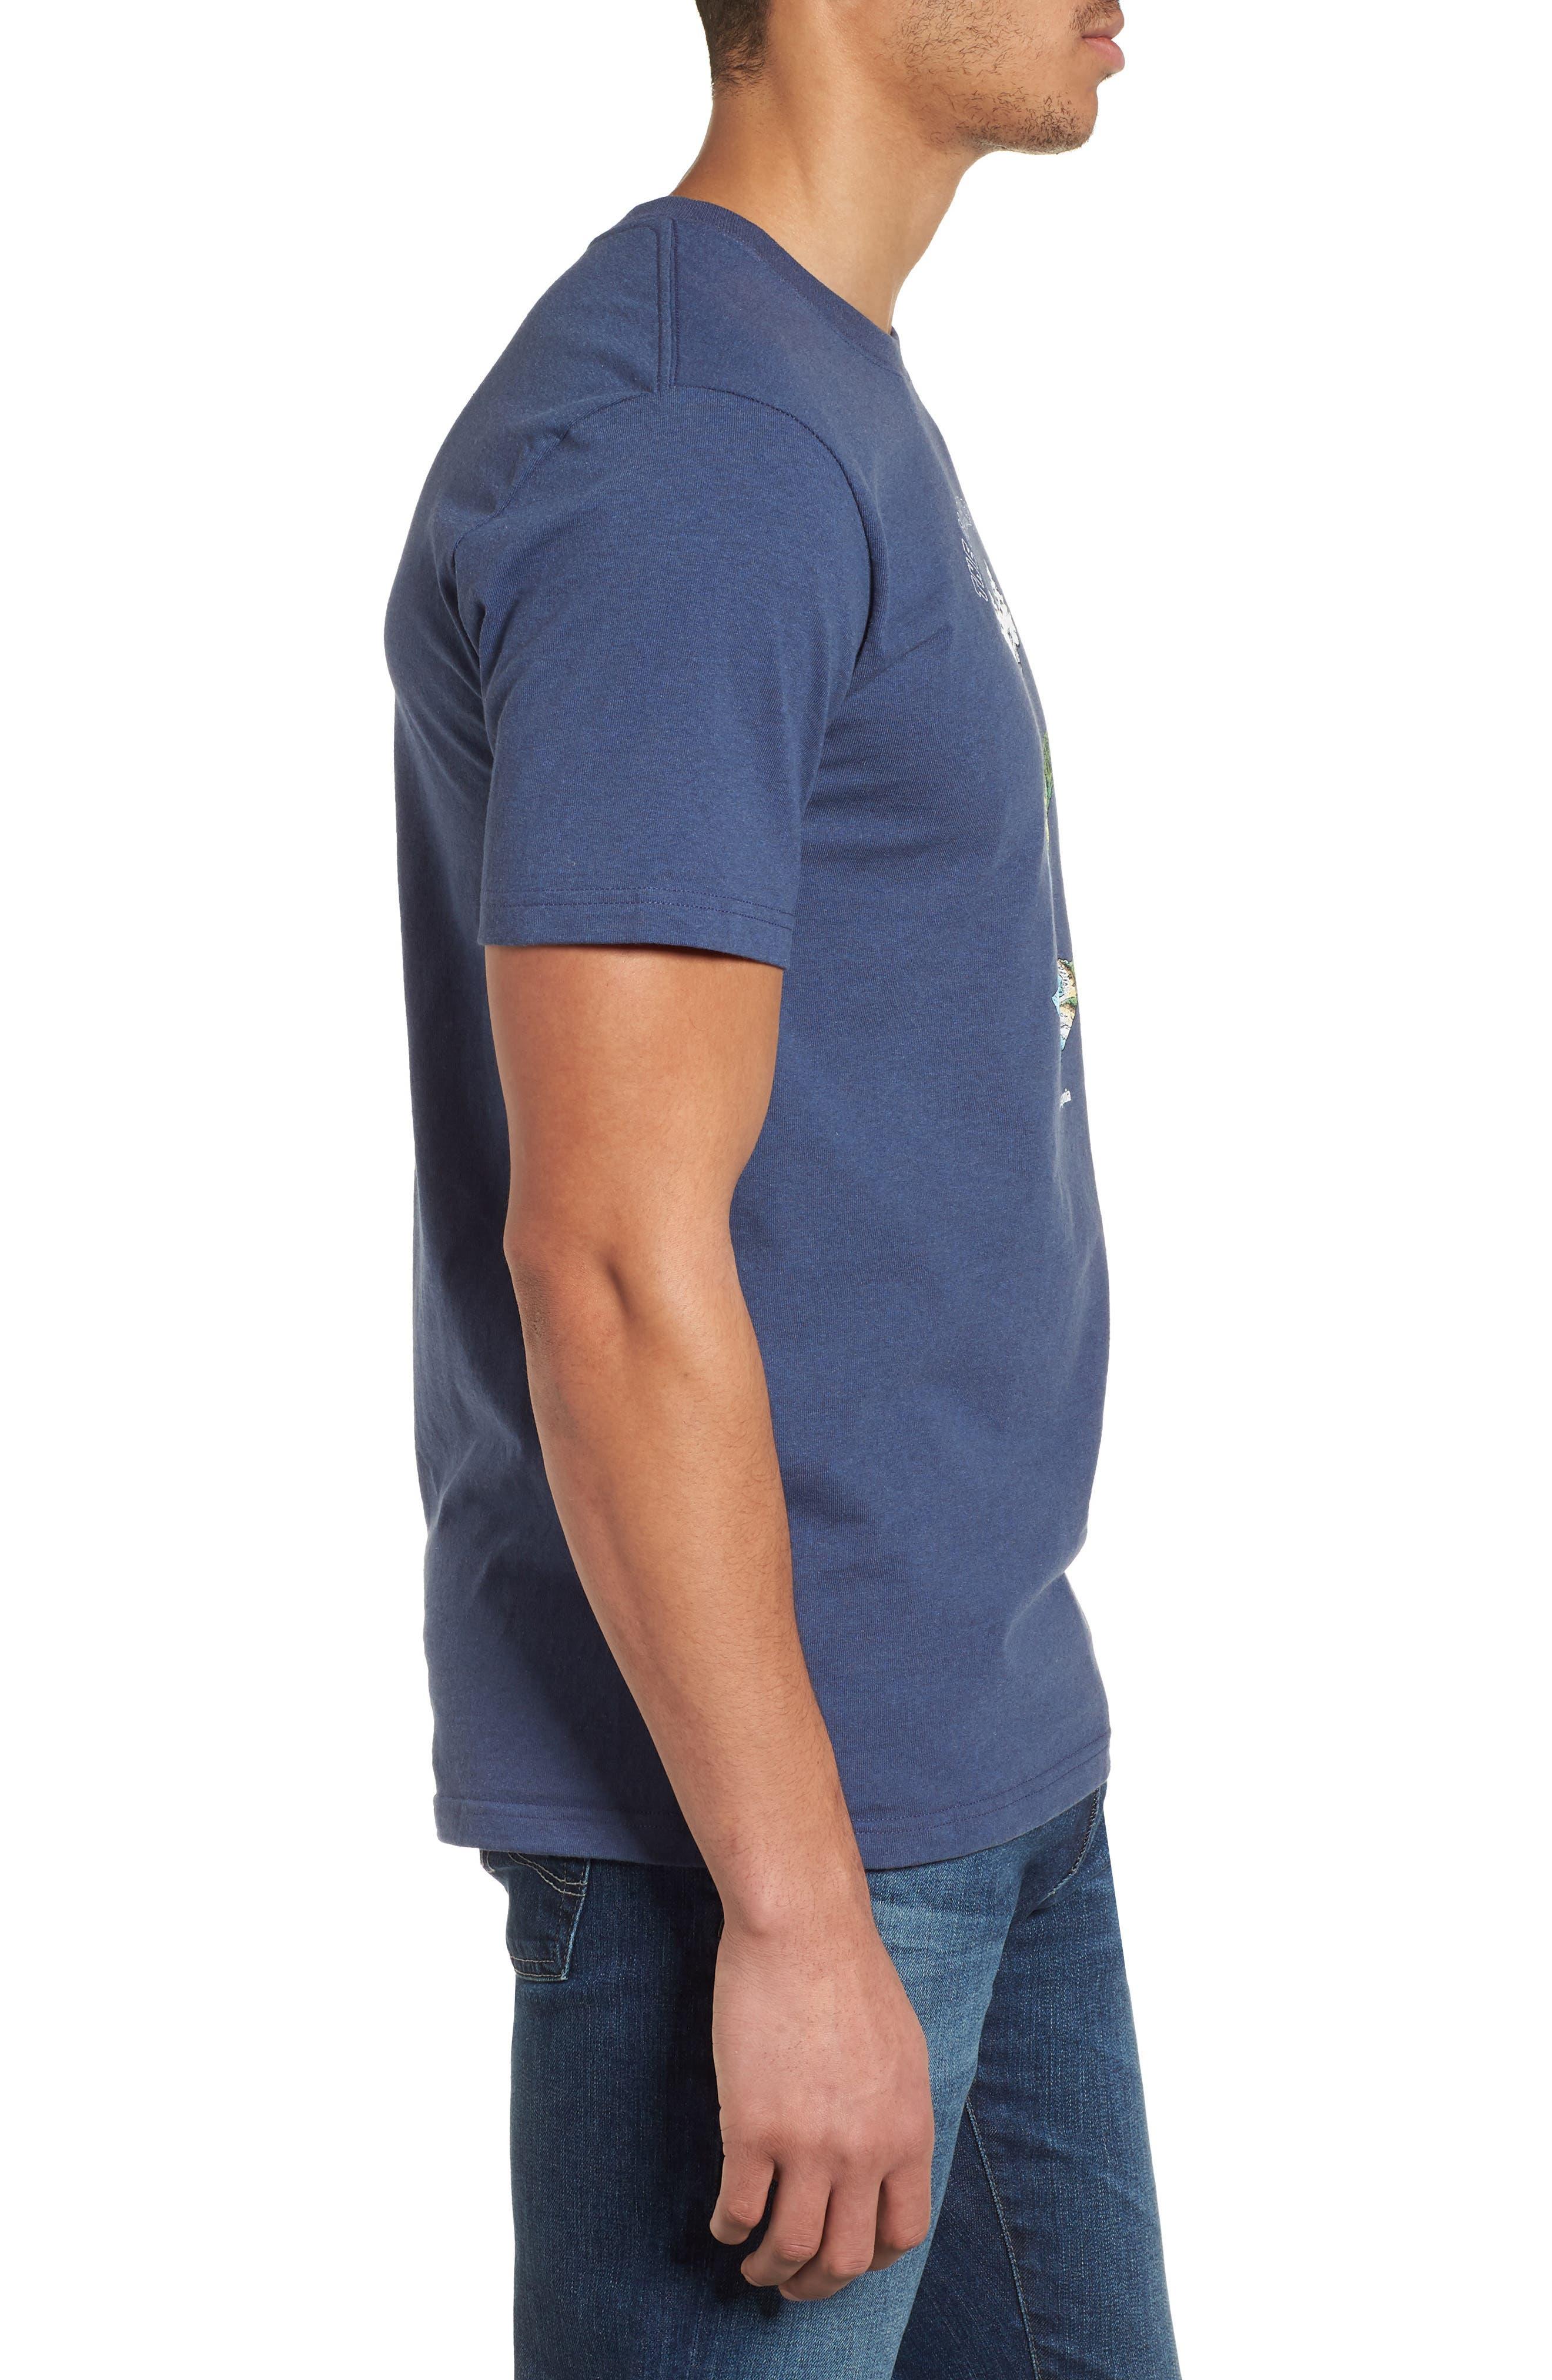 Glacier Born Responsibili-Tee T-Shirt,                             Alternate thumbnail 3, color,                             Dolomite Blue